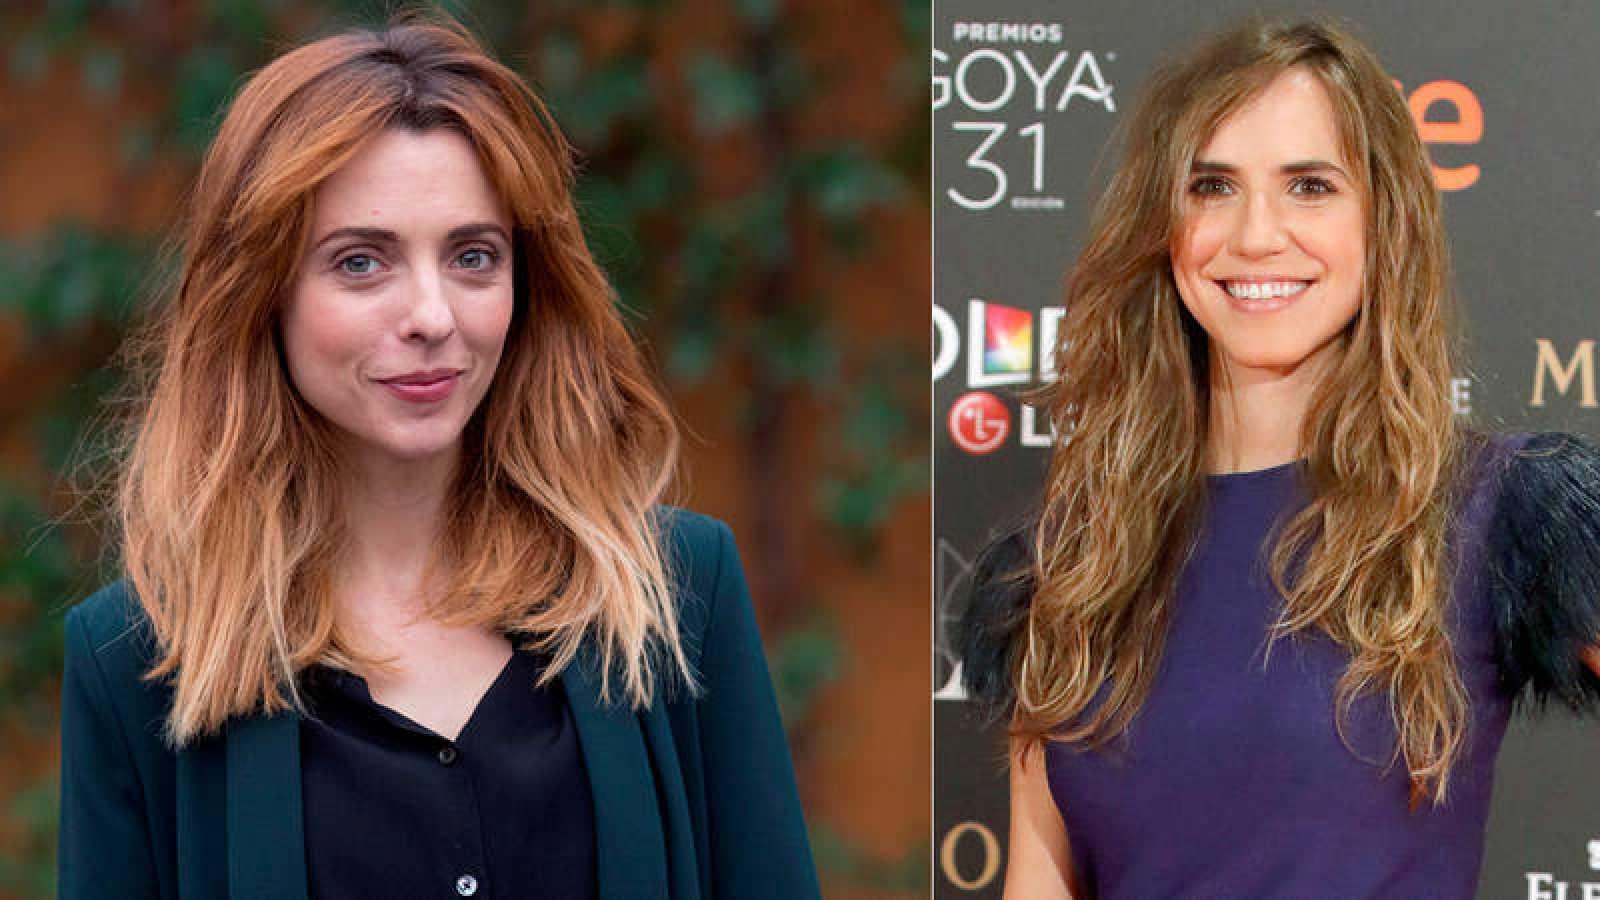 c8ca23490 La directora Leticia Dolera sustituyó a la actriz protagonista de su ...